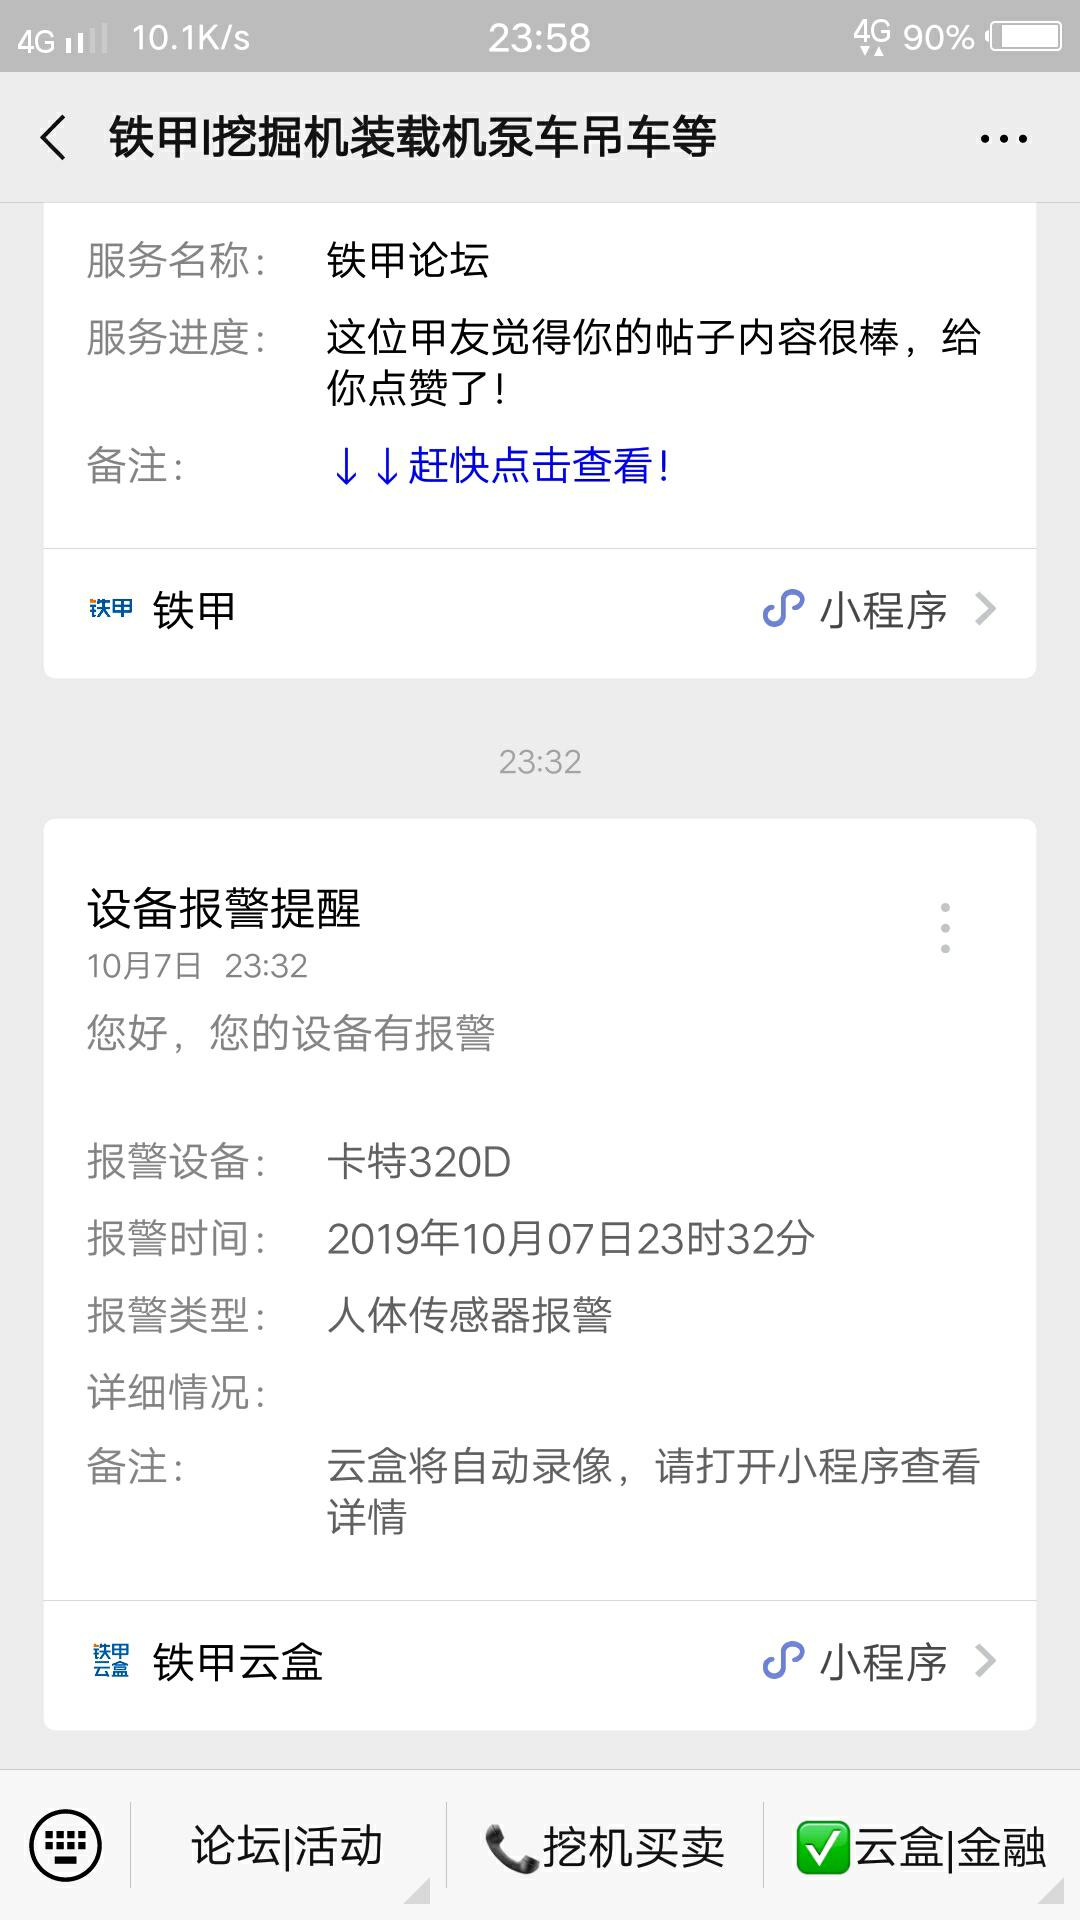 【国庆打卡第八天】工地生活区没网,信号差